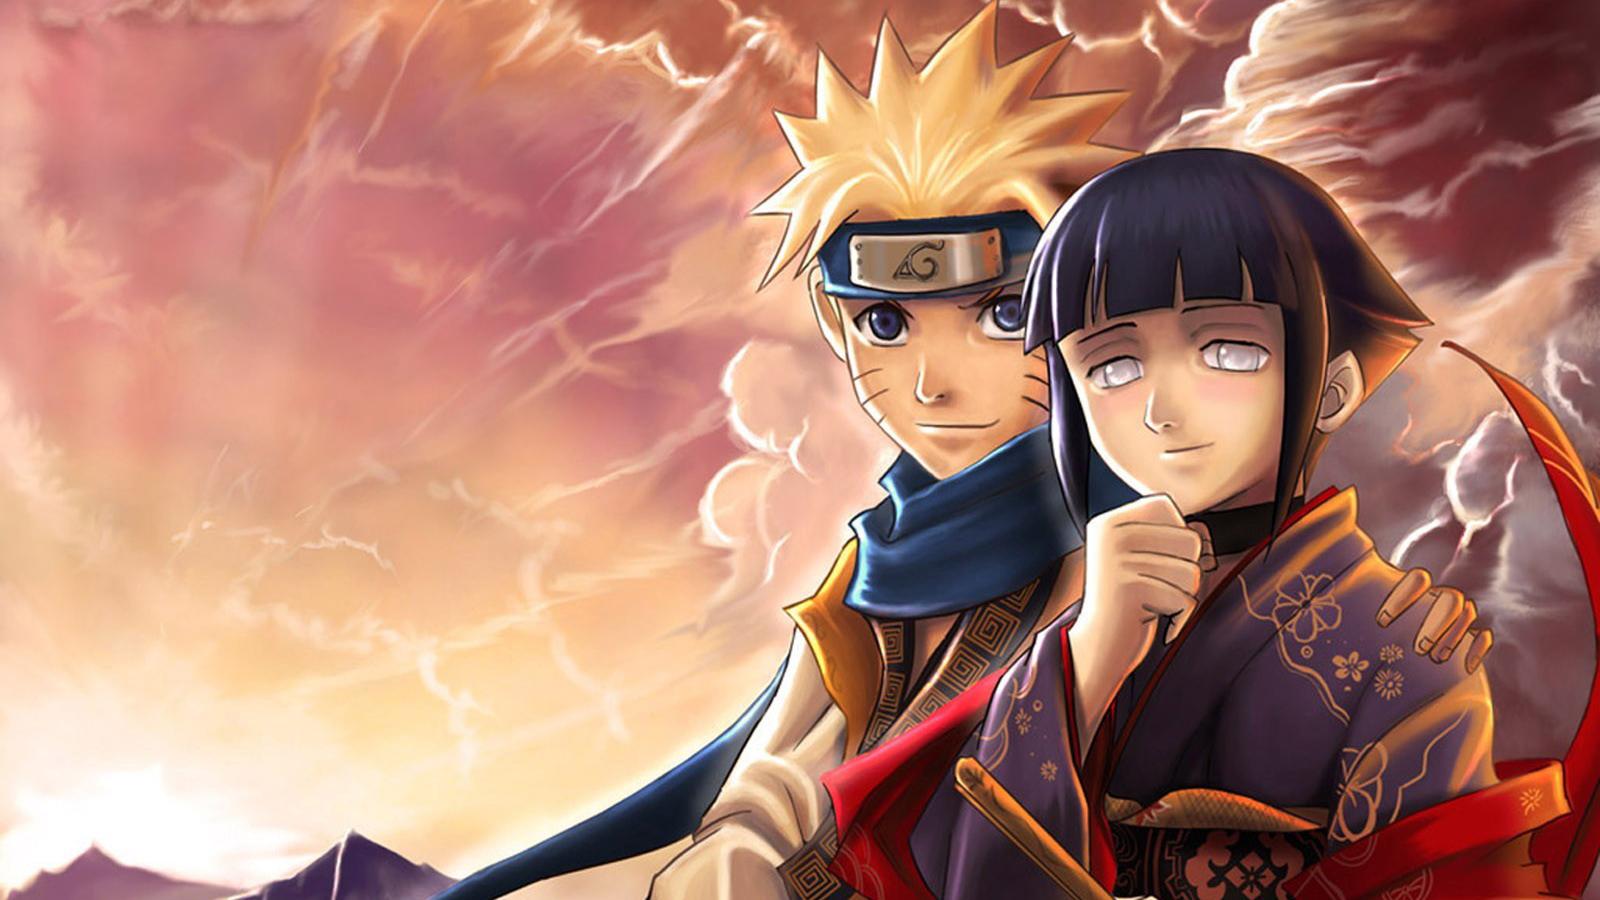 Download Gambar Naruto Uchiha Madara Jpg Foto Romantis Kartun